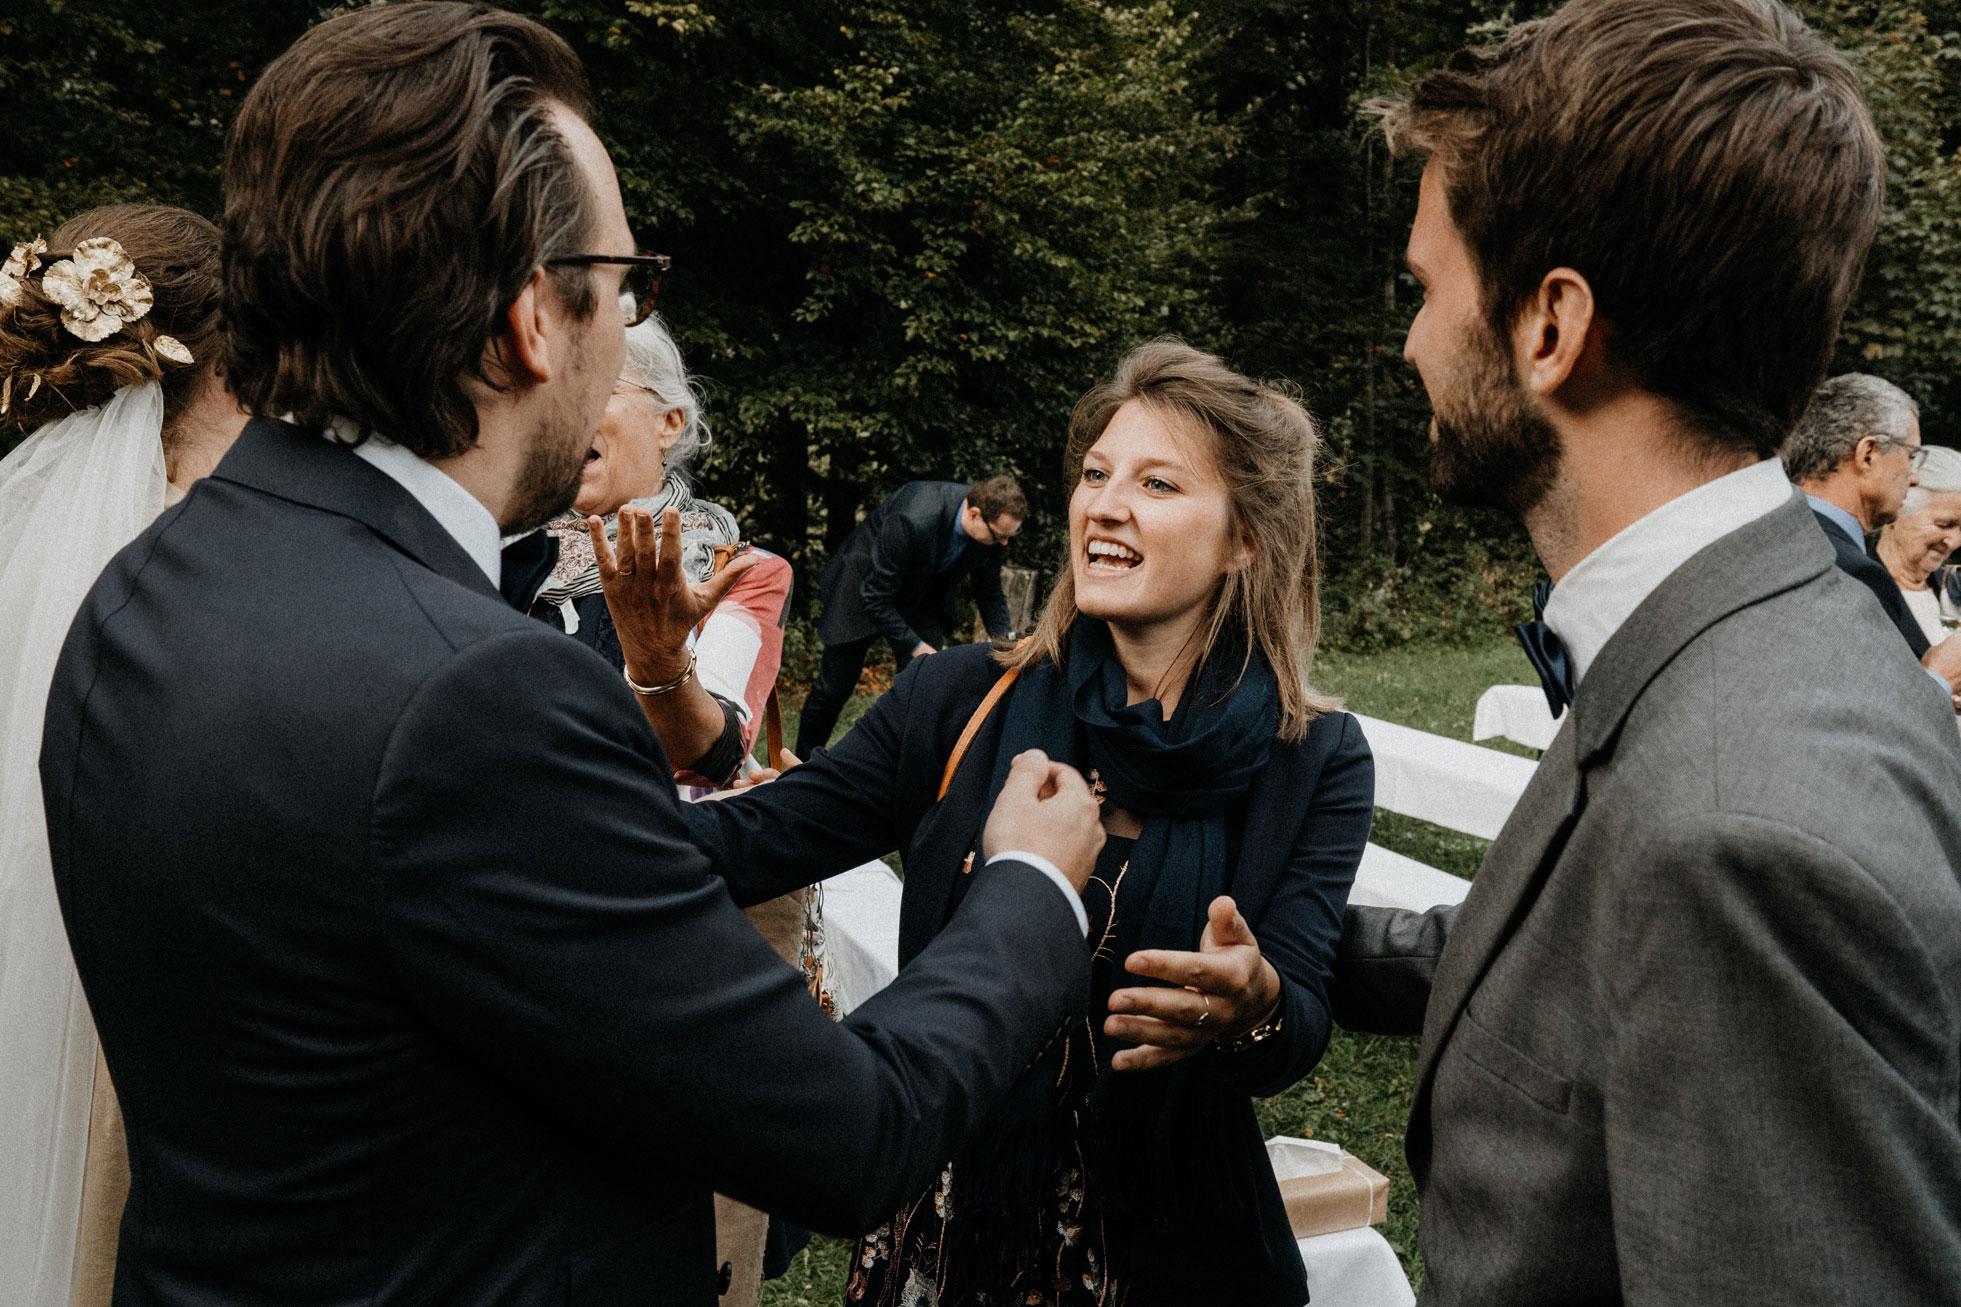 Hochzeit_Claire_Manuel_Villa_Maund_Daniel_Jenny-276.jpg